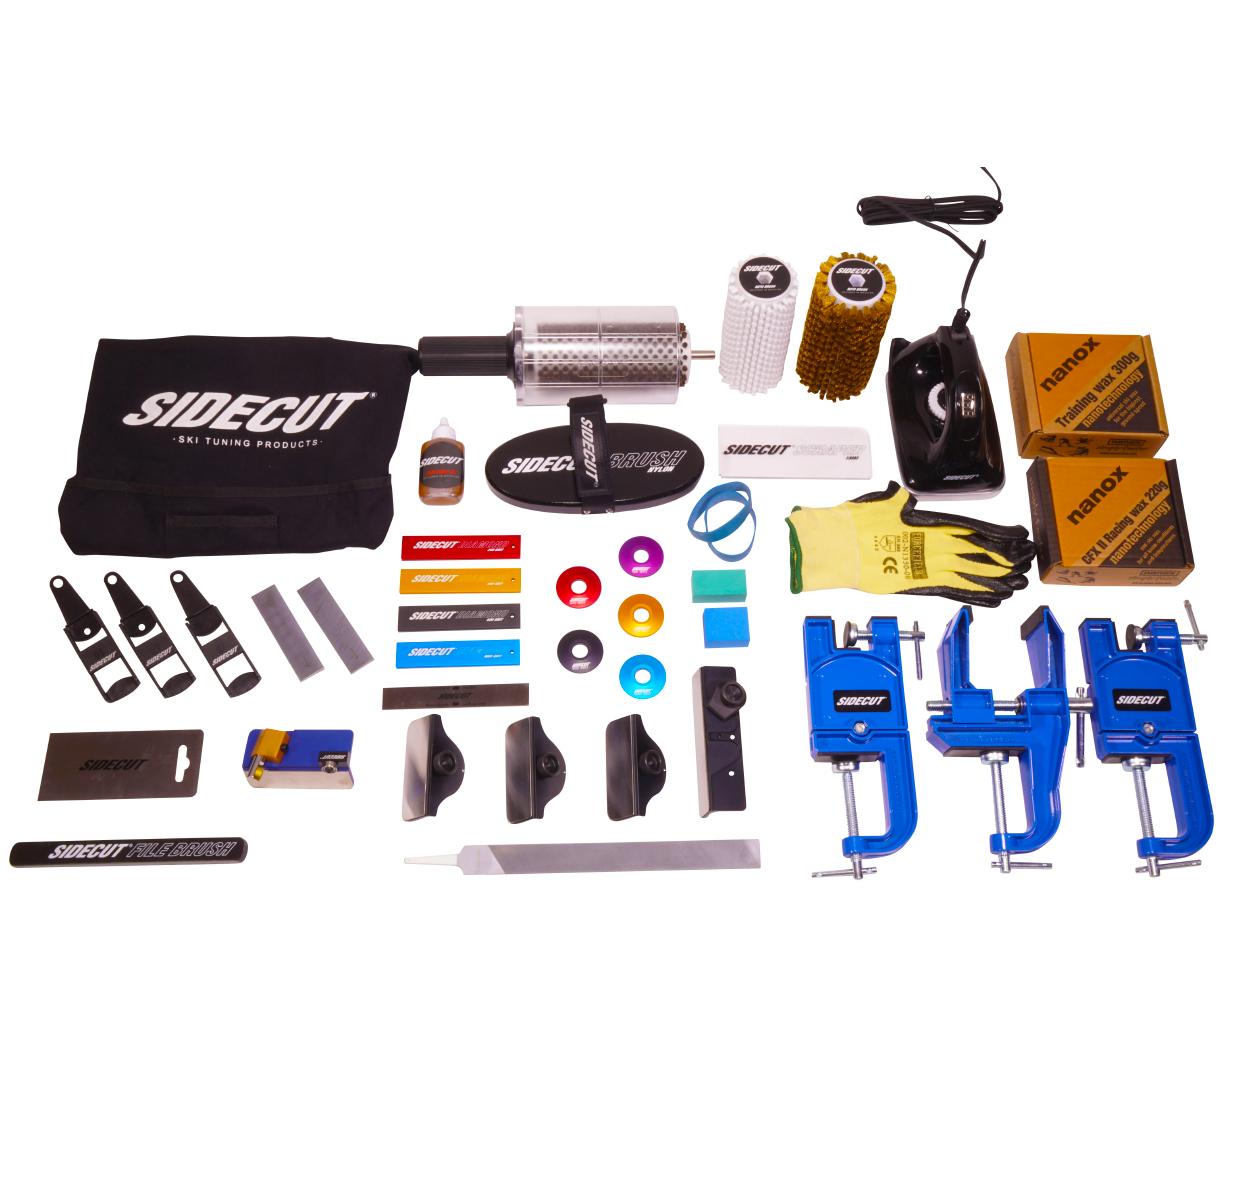 0db1bbbea24c Professional Tuning kit - Ski   Snowboard - SIDECUT